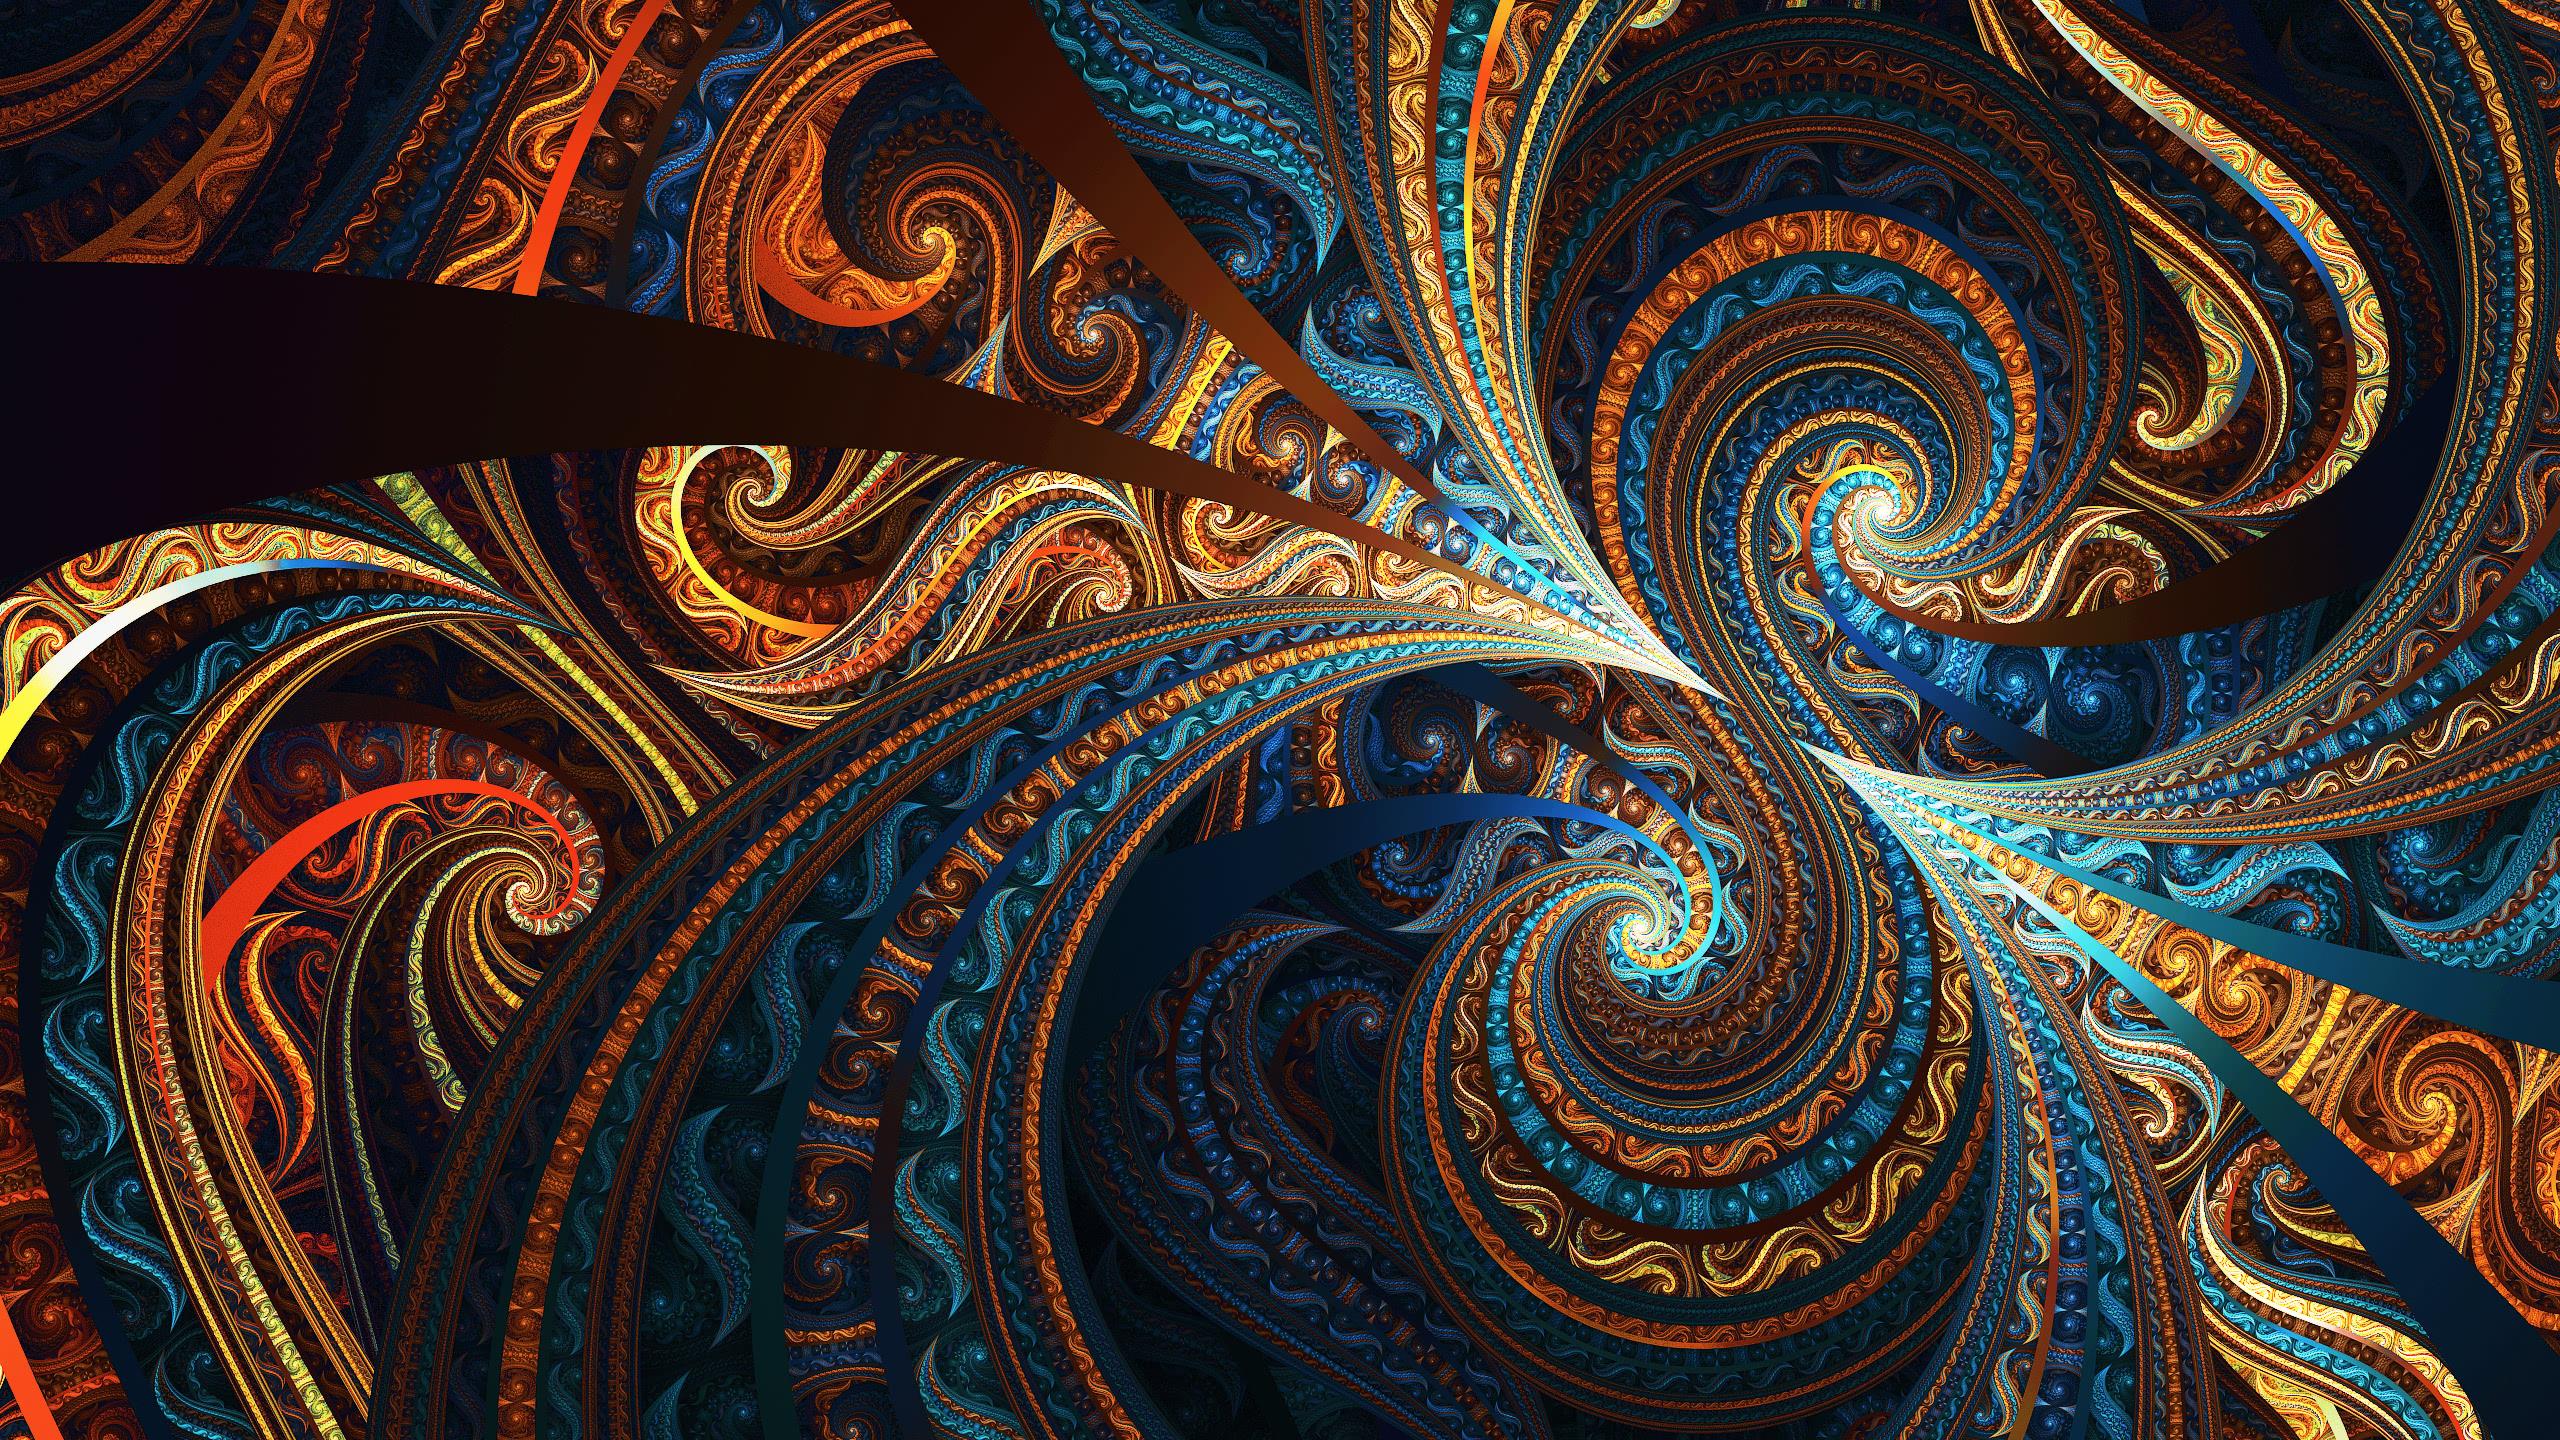 Fractal Colorful WQHD 1440P Wallpaper Pixelz 2560x1440